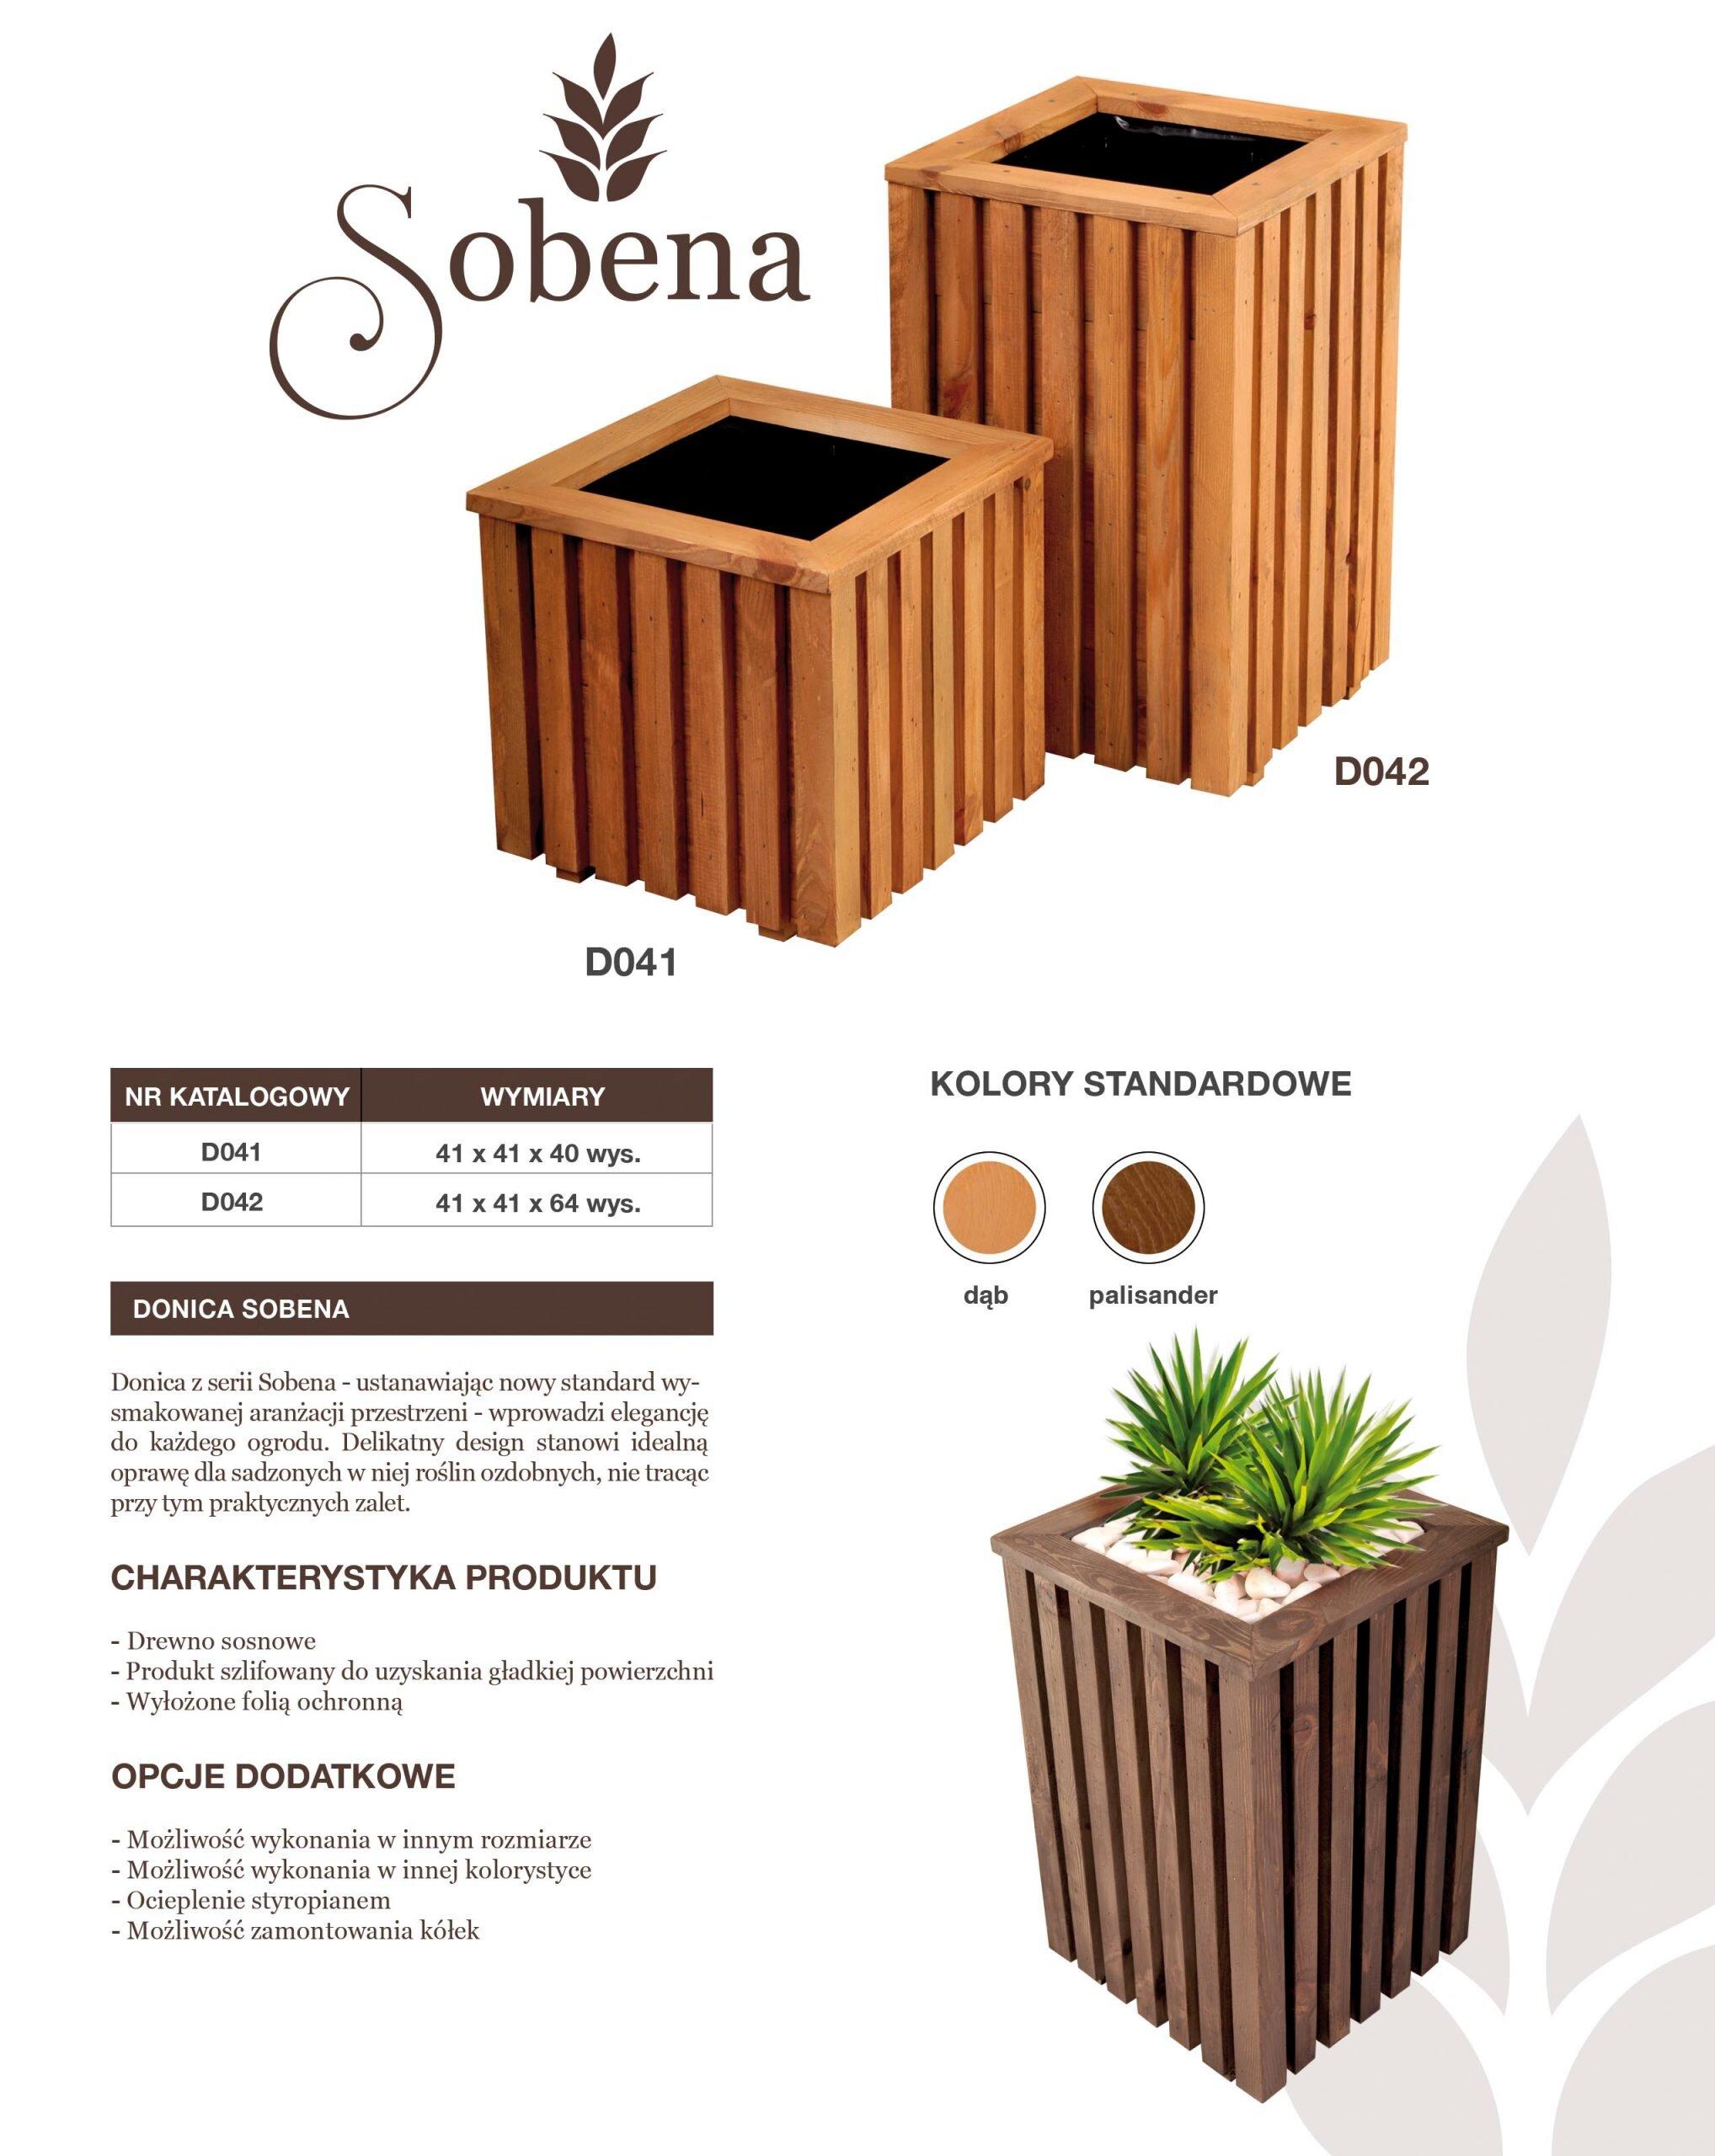 katalog_06_sobena